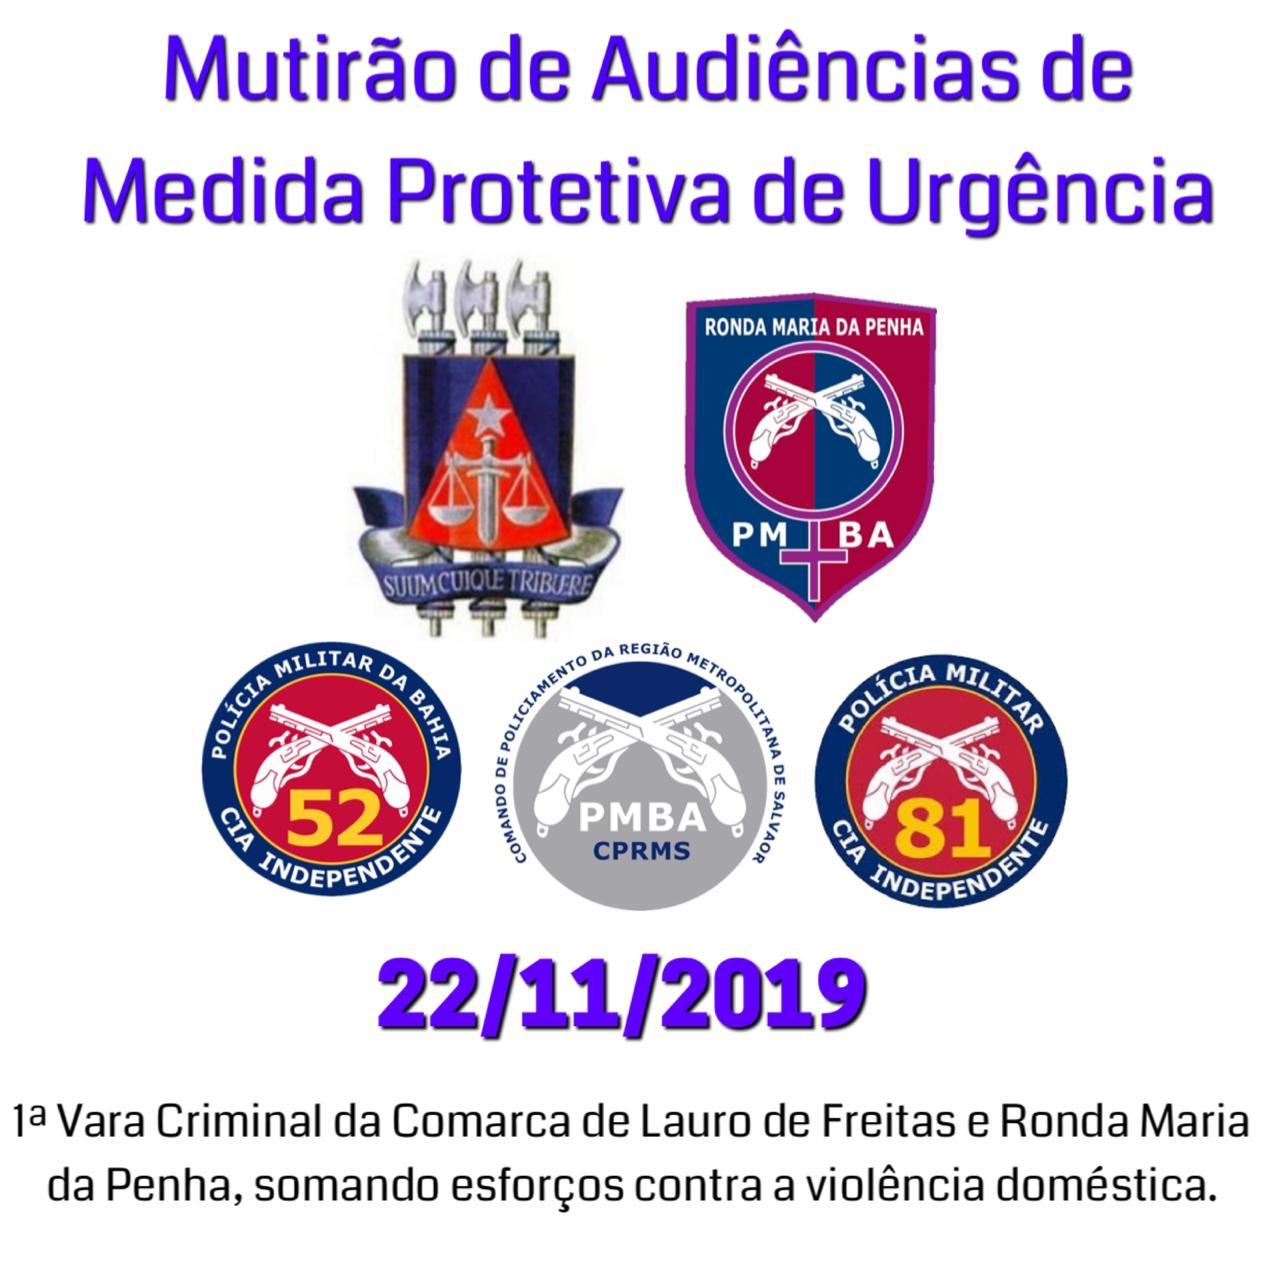 Mutirão de Audiências de Medida Protetiva acontece em Lauro de Freitas; saiba mais